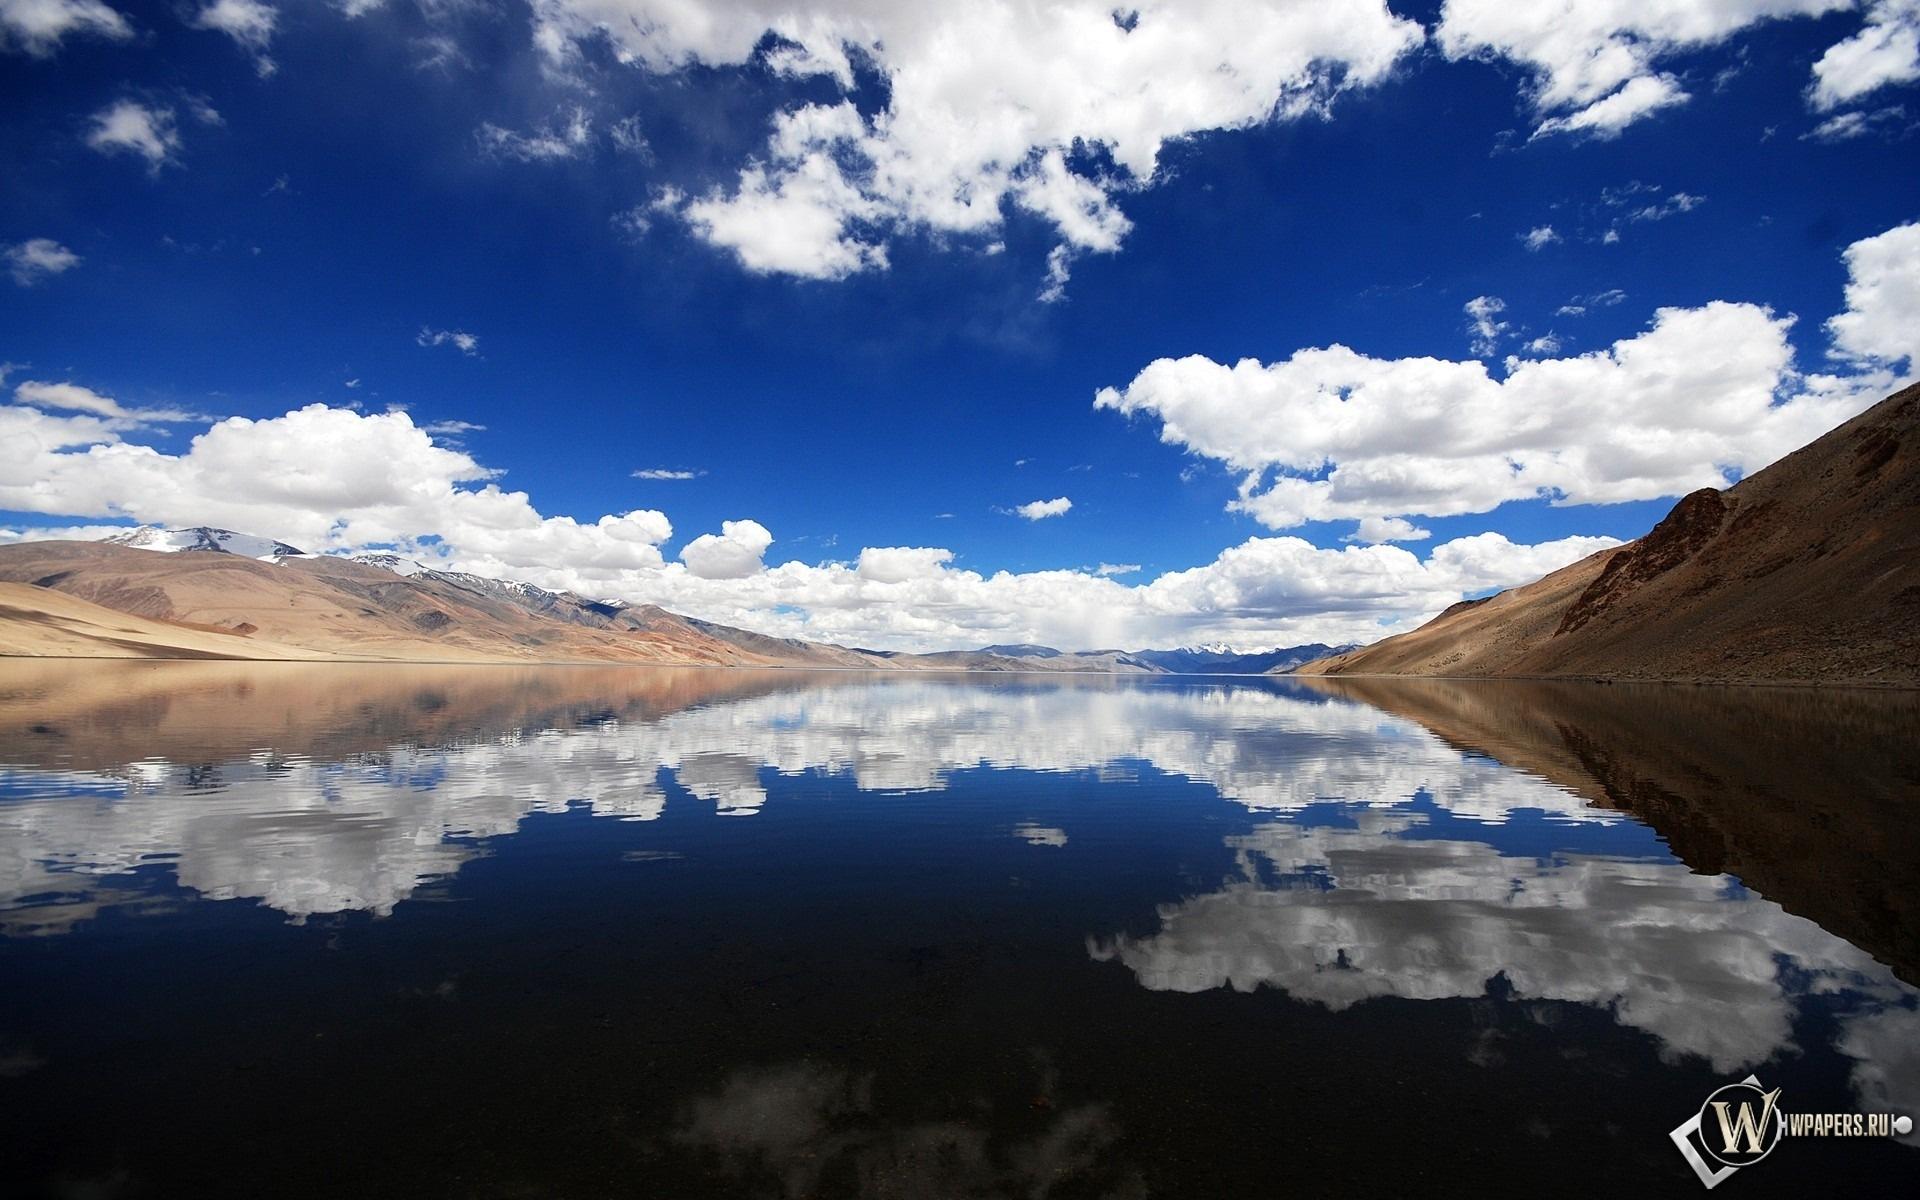 отражение в воде 1920x1200